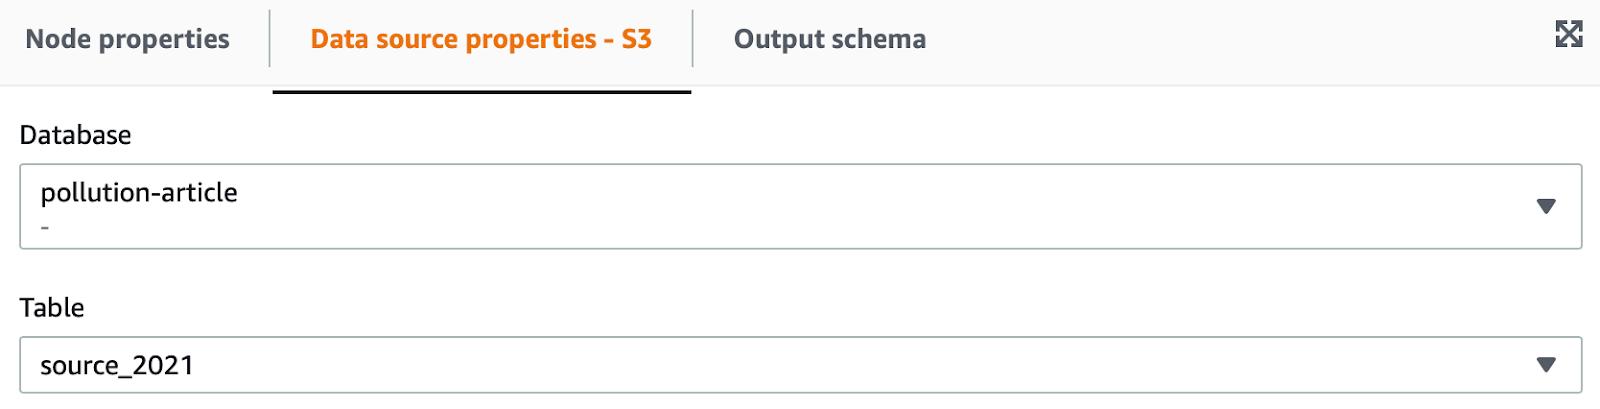 Data Source Properties - S3